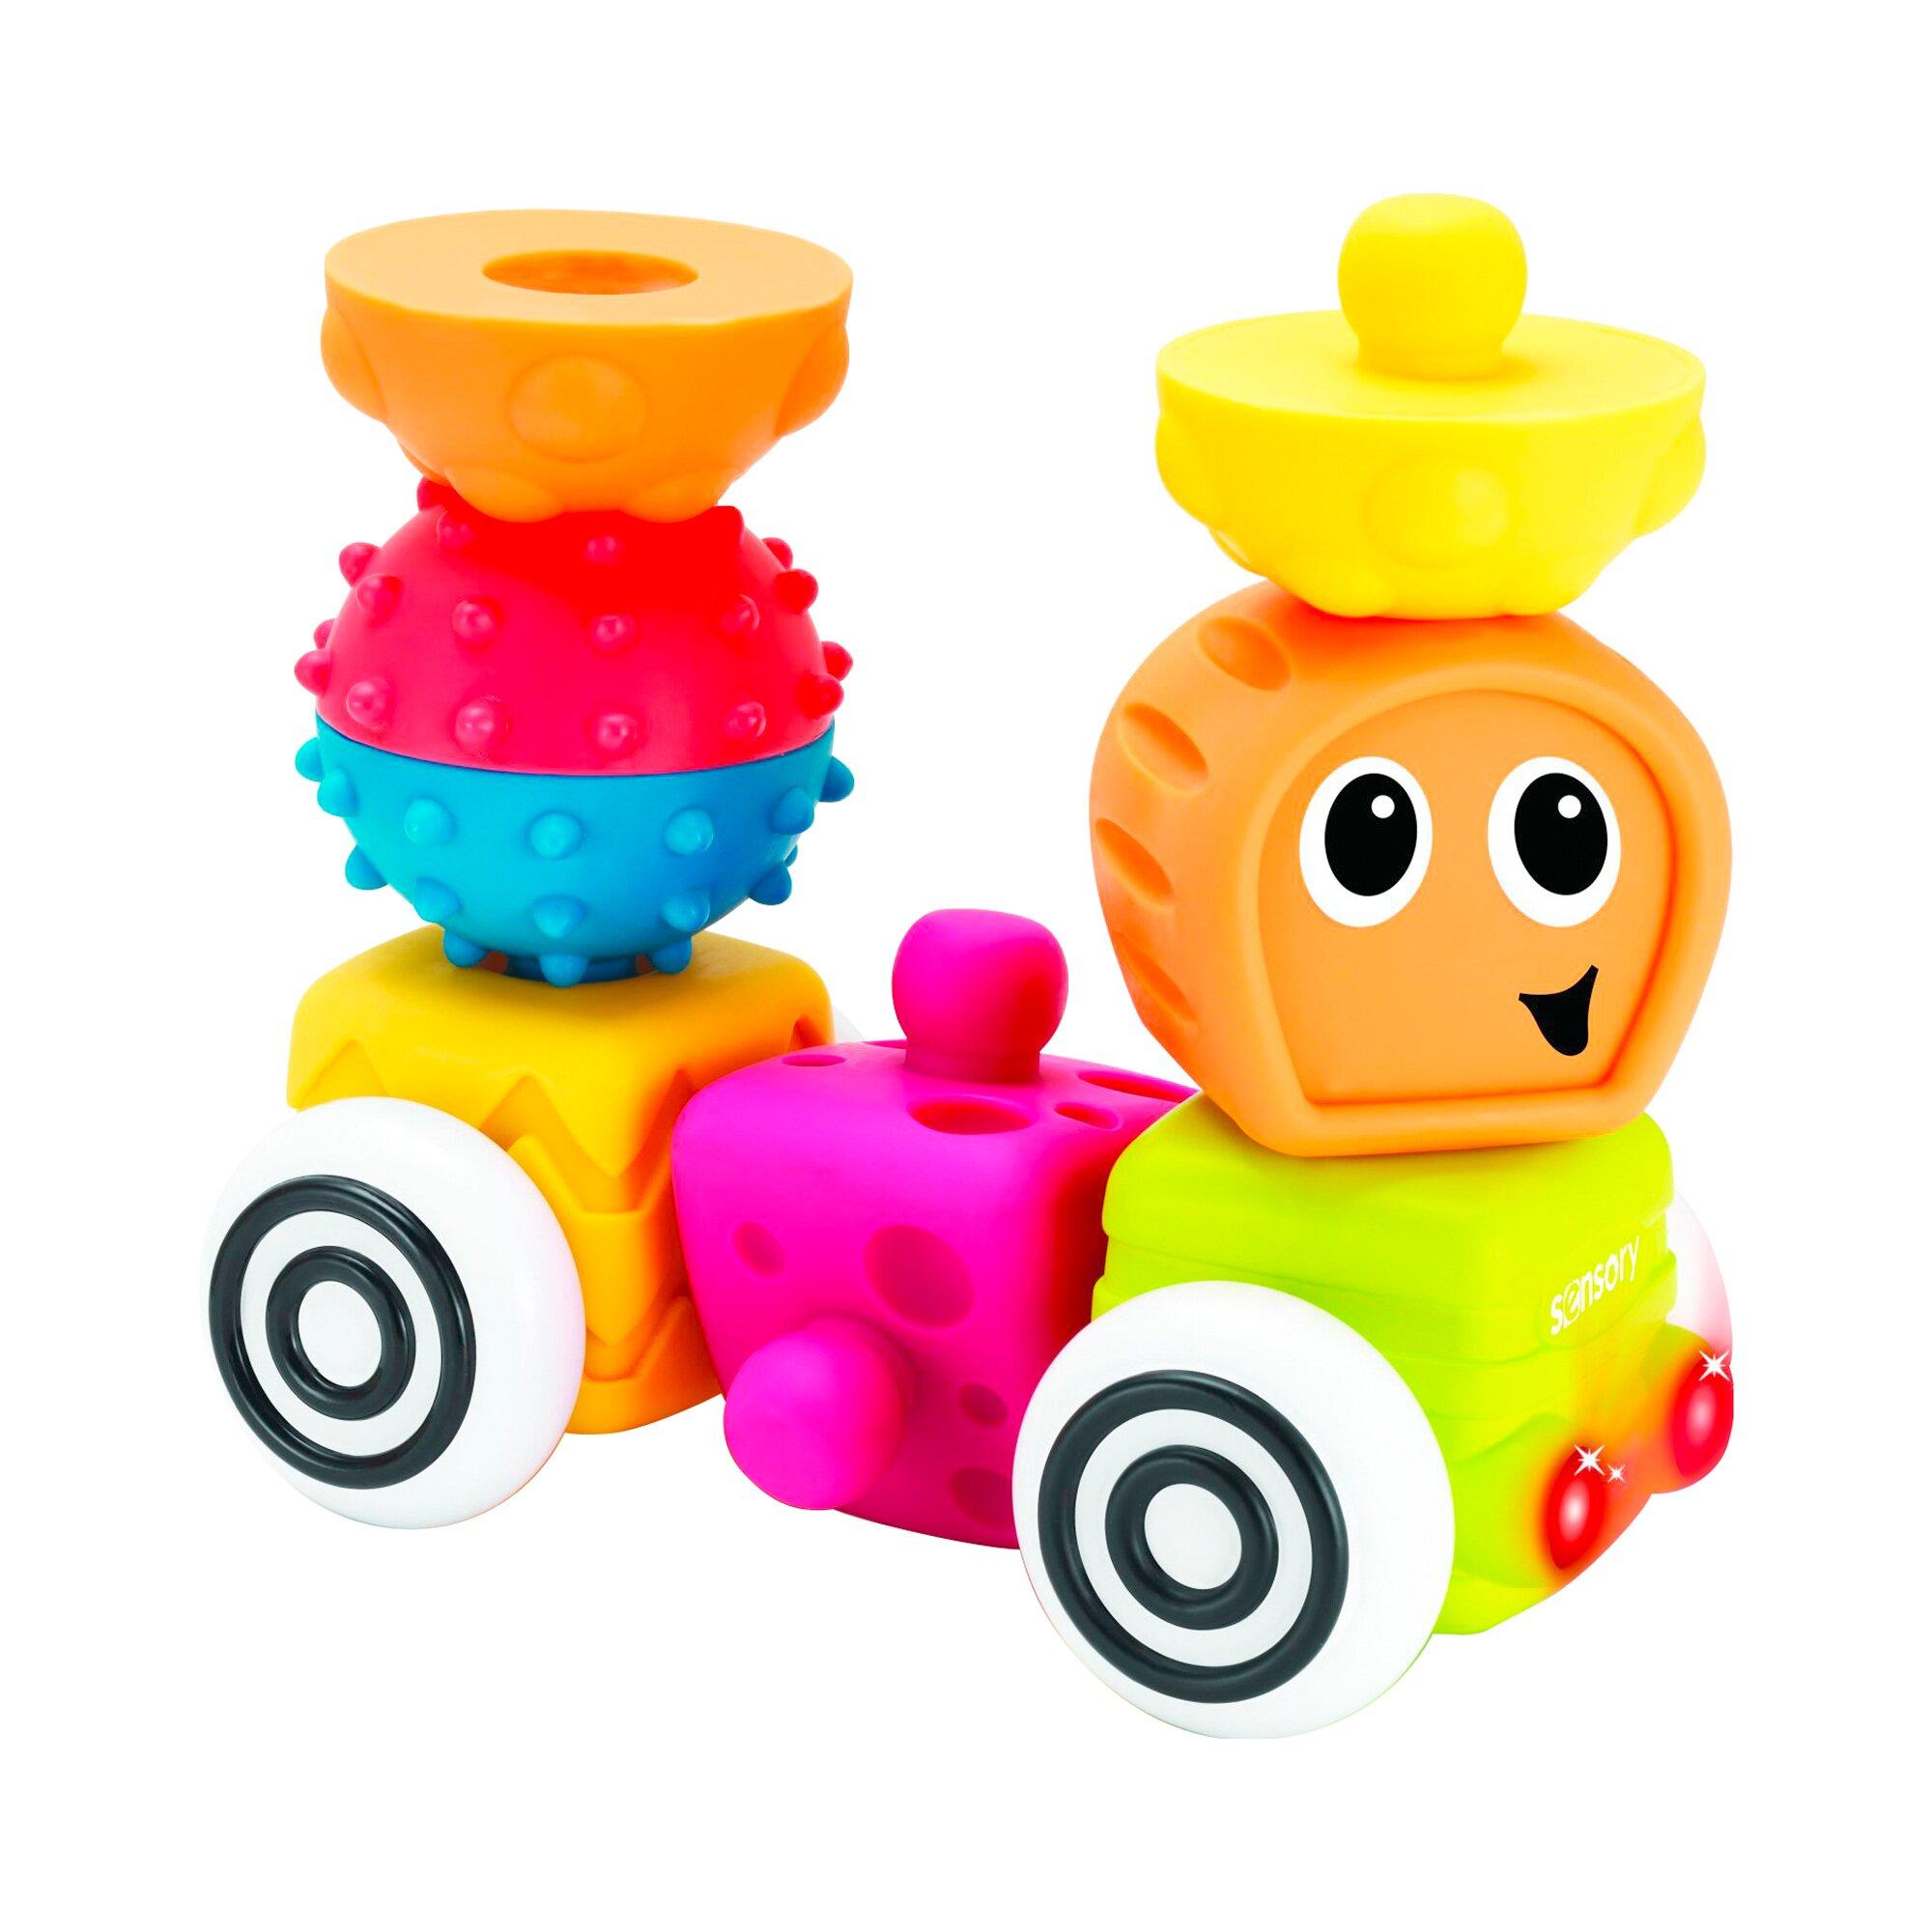 b-kids-bausteine-set-baby-sensorik-12-teile